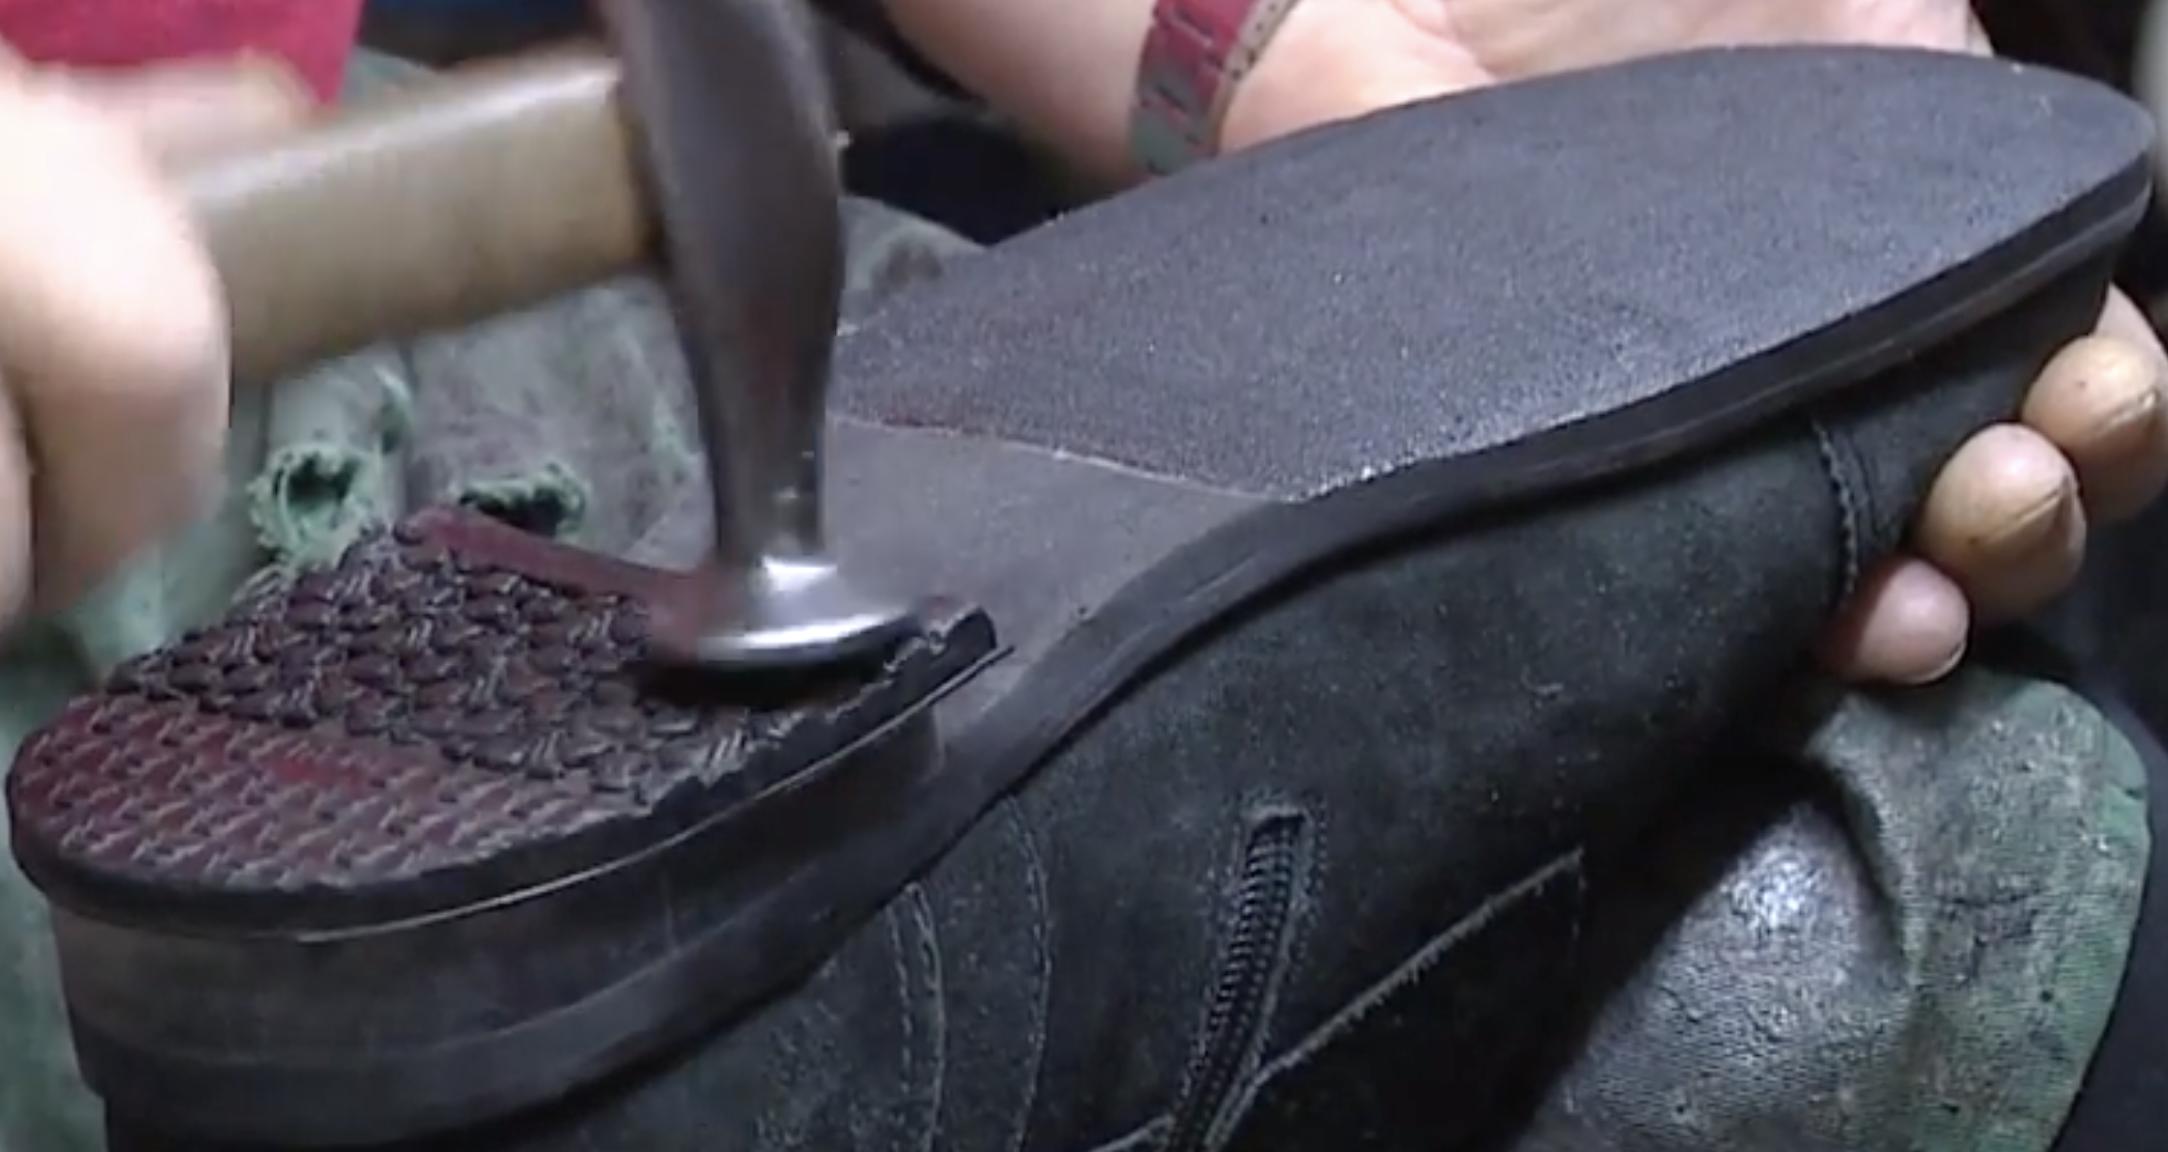 Как сделать подошву обуви нескользящей. как сделать подошву нескользкой – лейкопластырь, наждачная бумага, войлок. специальные накладки в мастерской